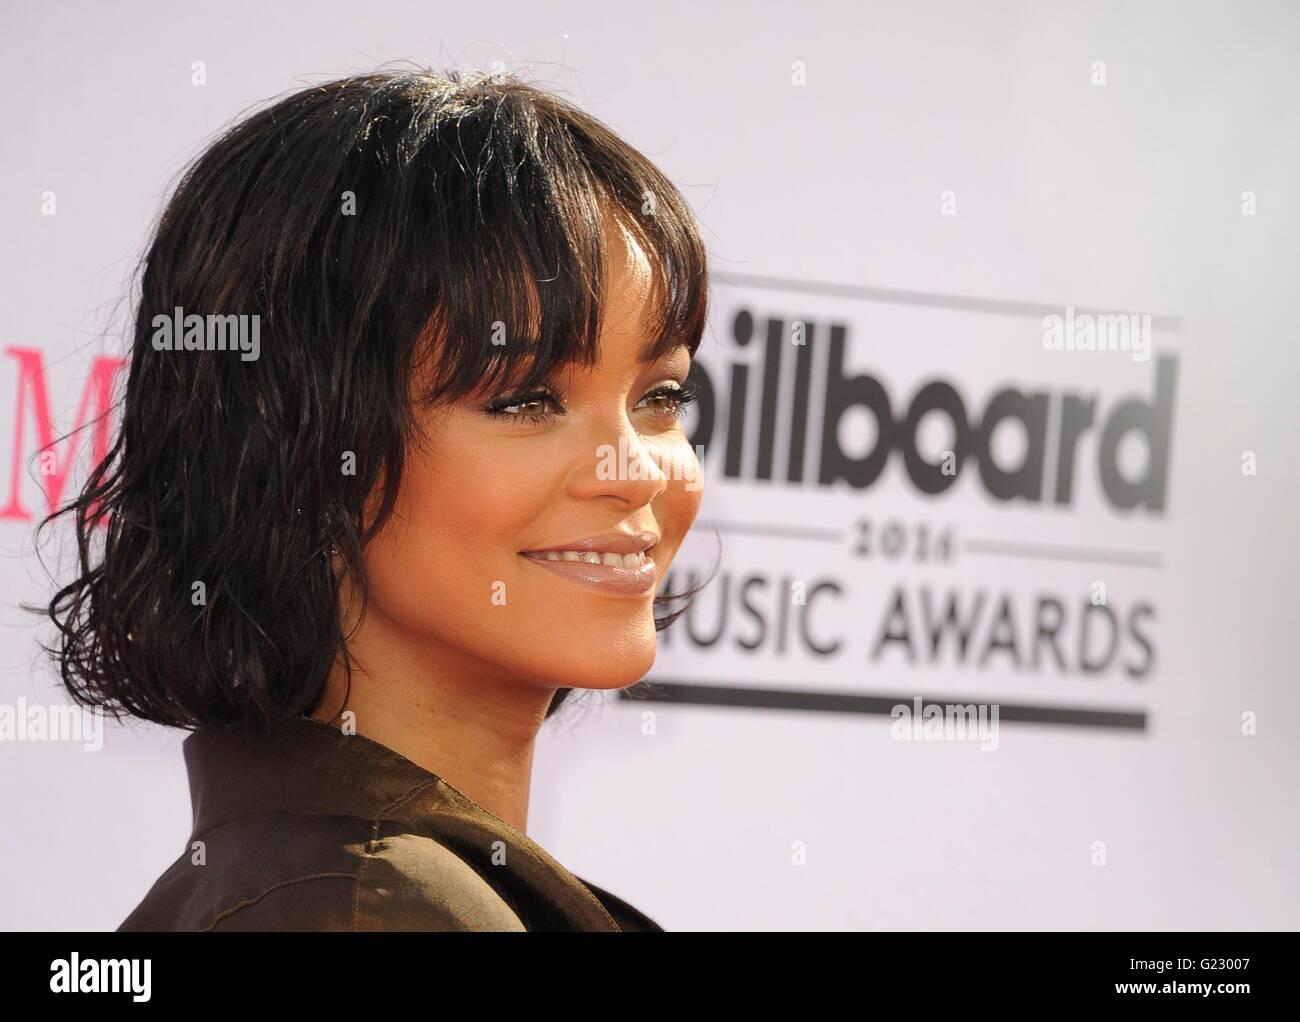 Las Vegas, NV, EE.UU.. 22 de mayo de 2016. Rihanna en la terminal de llegadas de Billboard Music Awards 2016 - Llegadas Imagen De Stock